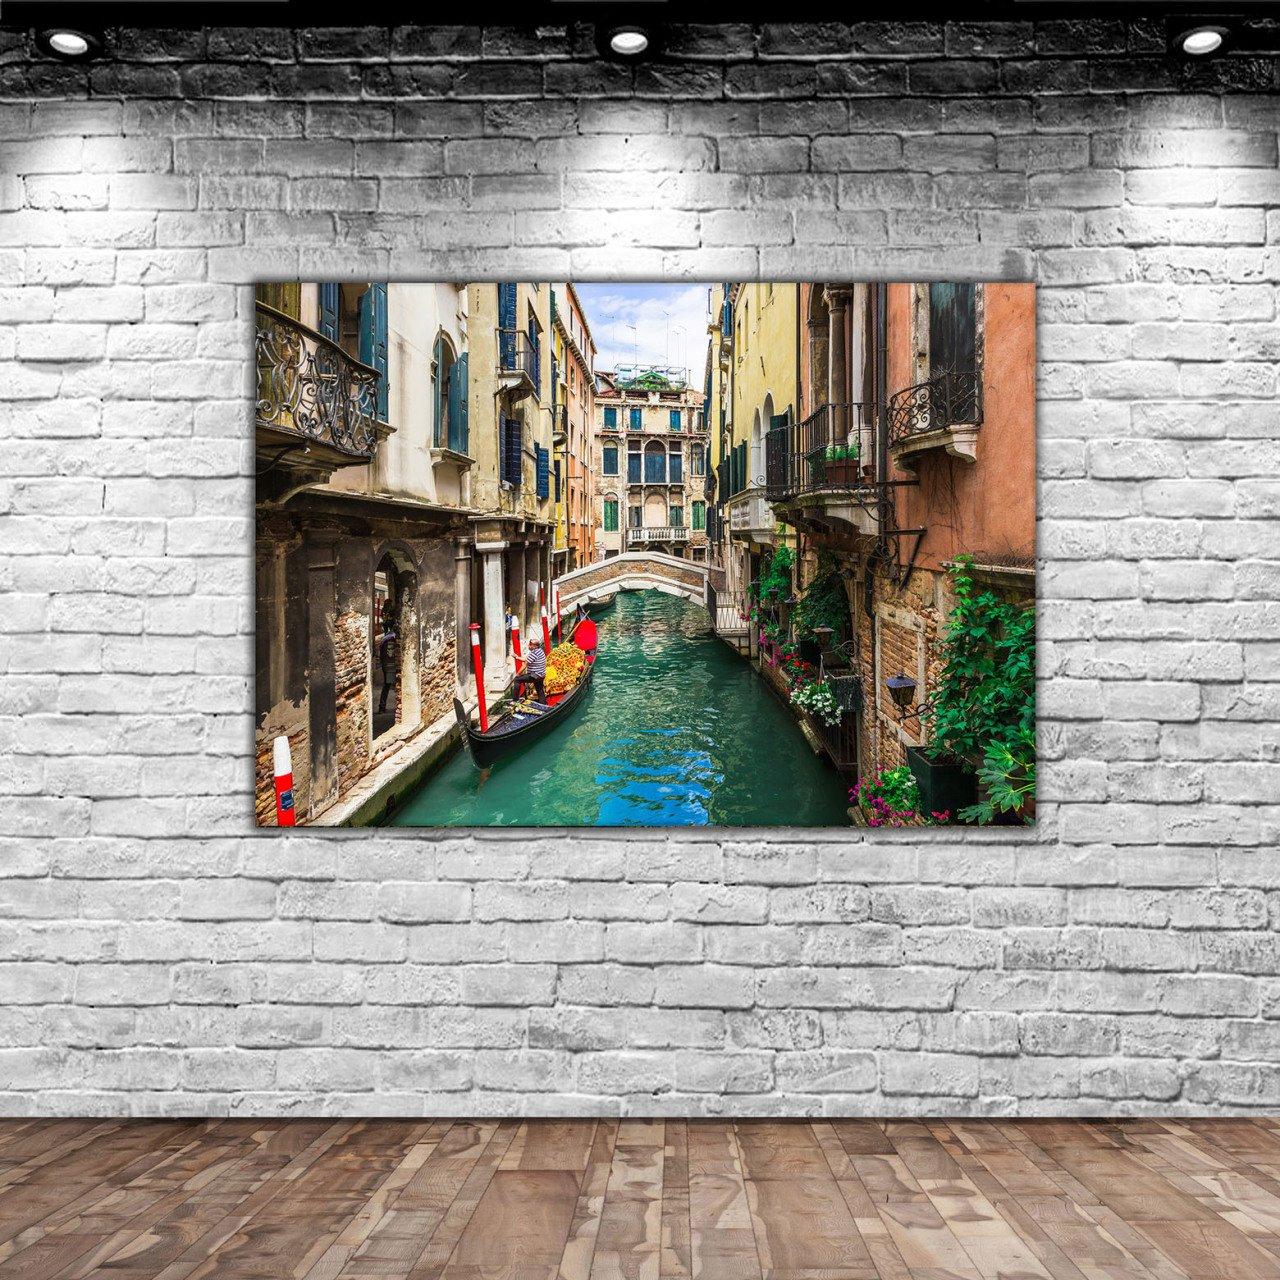 BK Home Venice Canvas Tablo-2 Modern Convenient Reliable Decoration Gift Quality Design Simple Cool Black Color